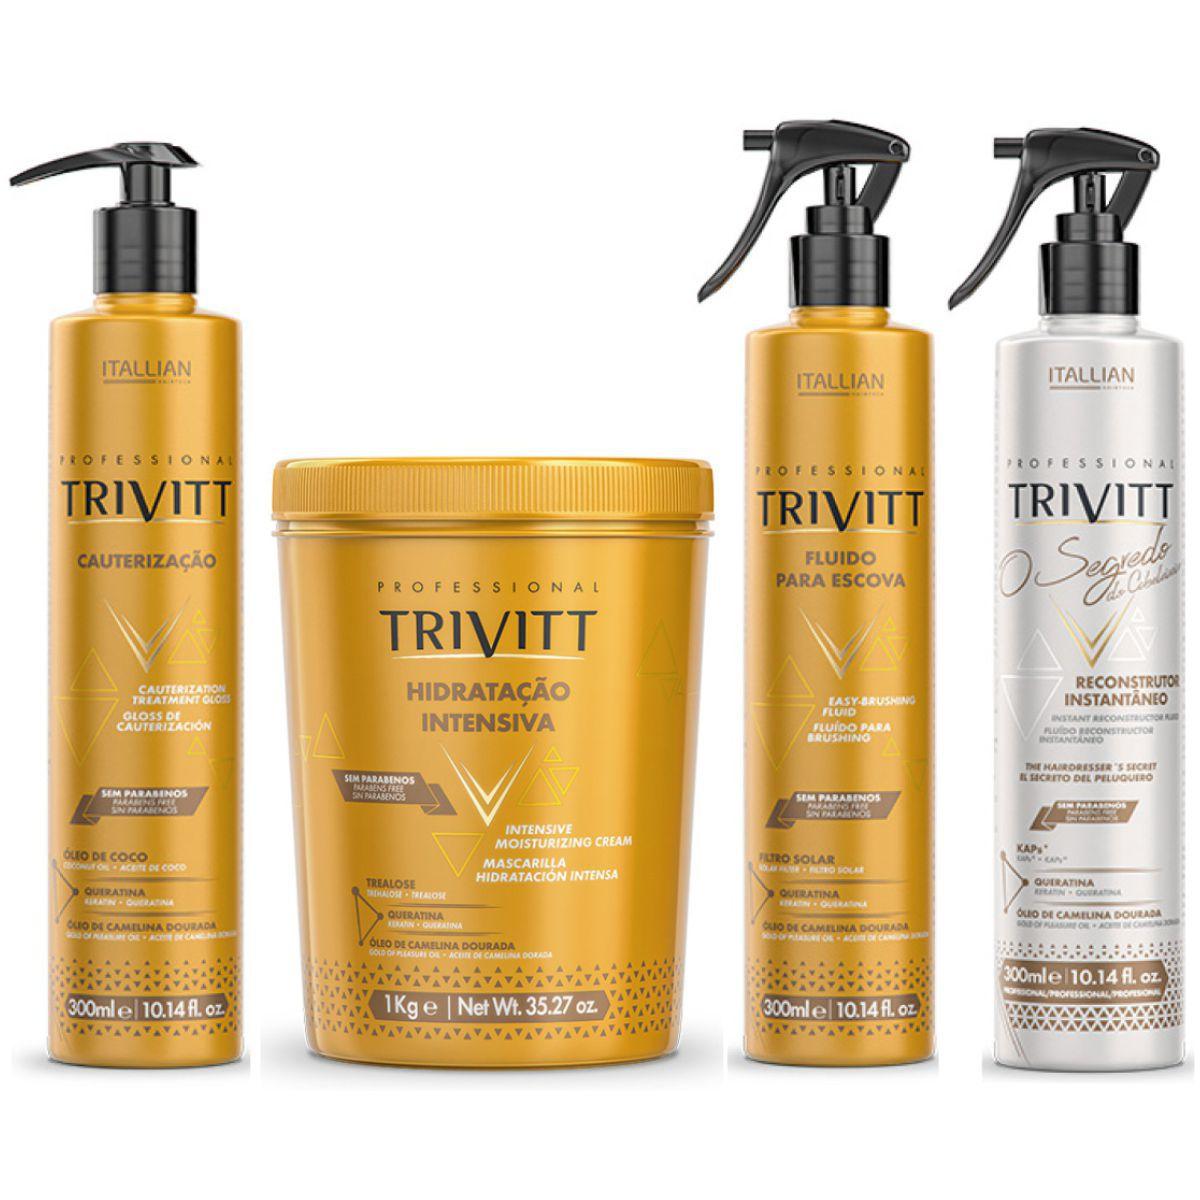 Kit Trivitt Hidratação, Cauterização, Fluído E Segredo